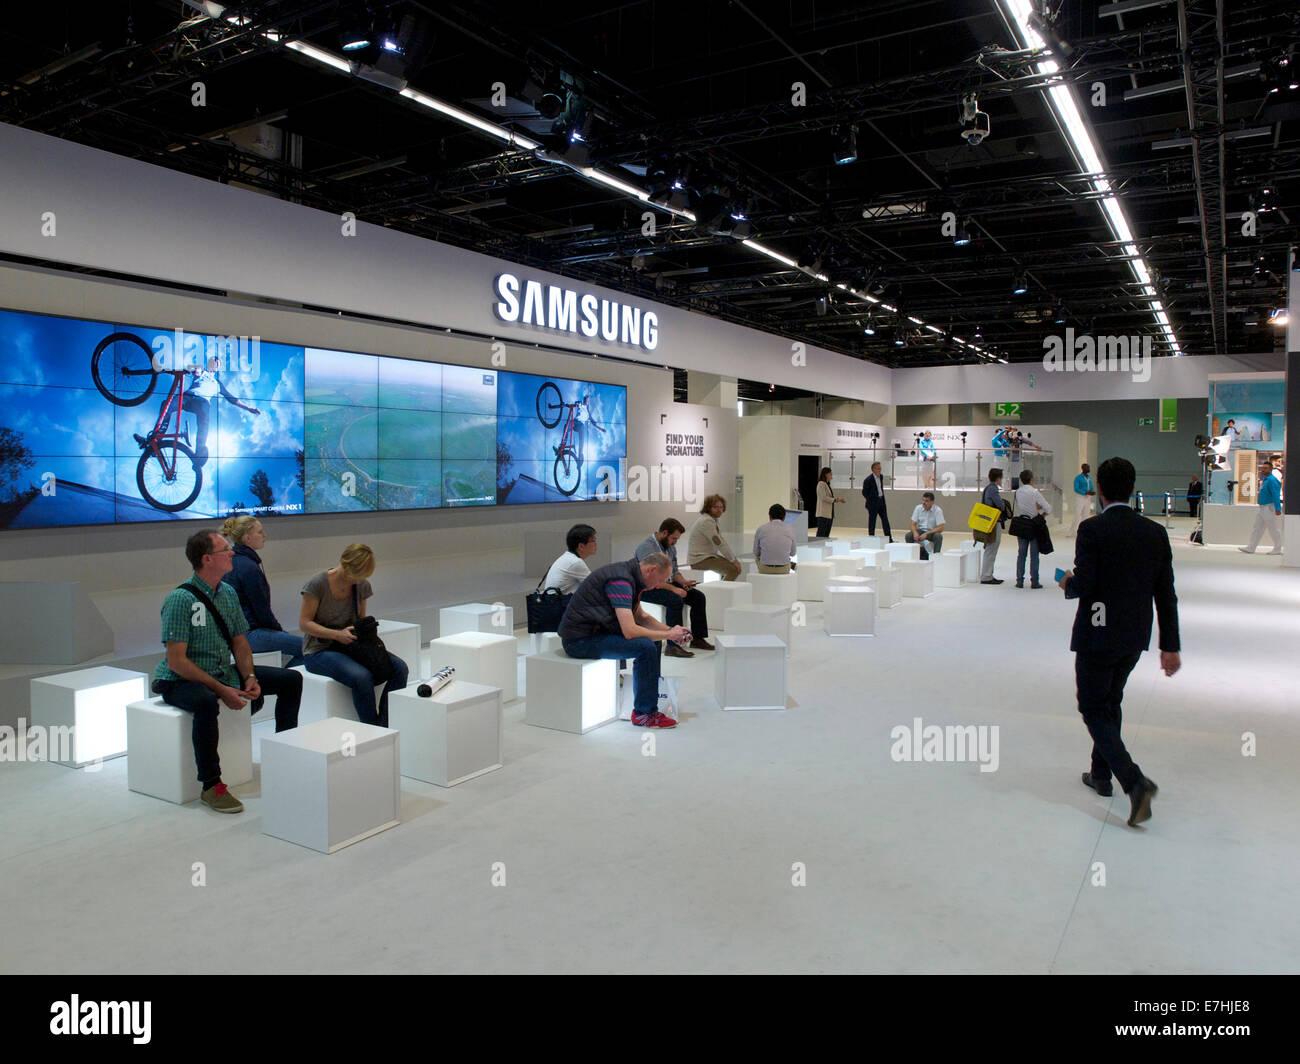 Le hall à la Photokina 2014 Samsung trade show. Cologne, NRW, Allemagne Banque D'Images